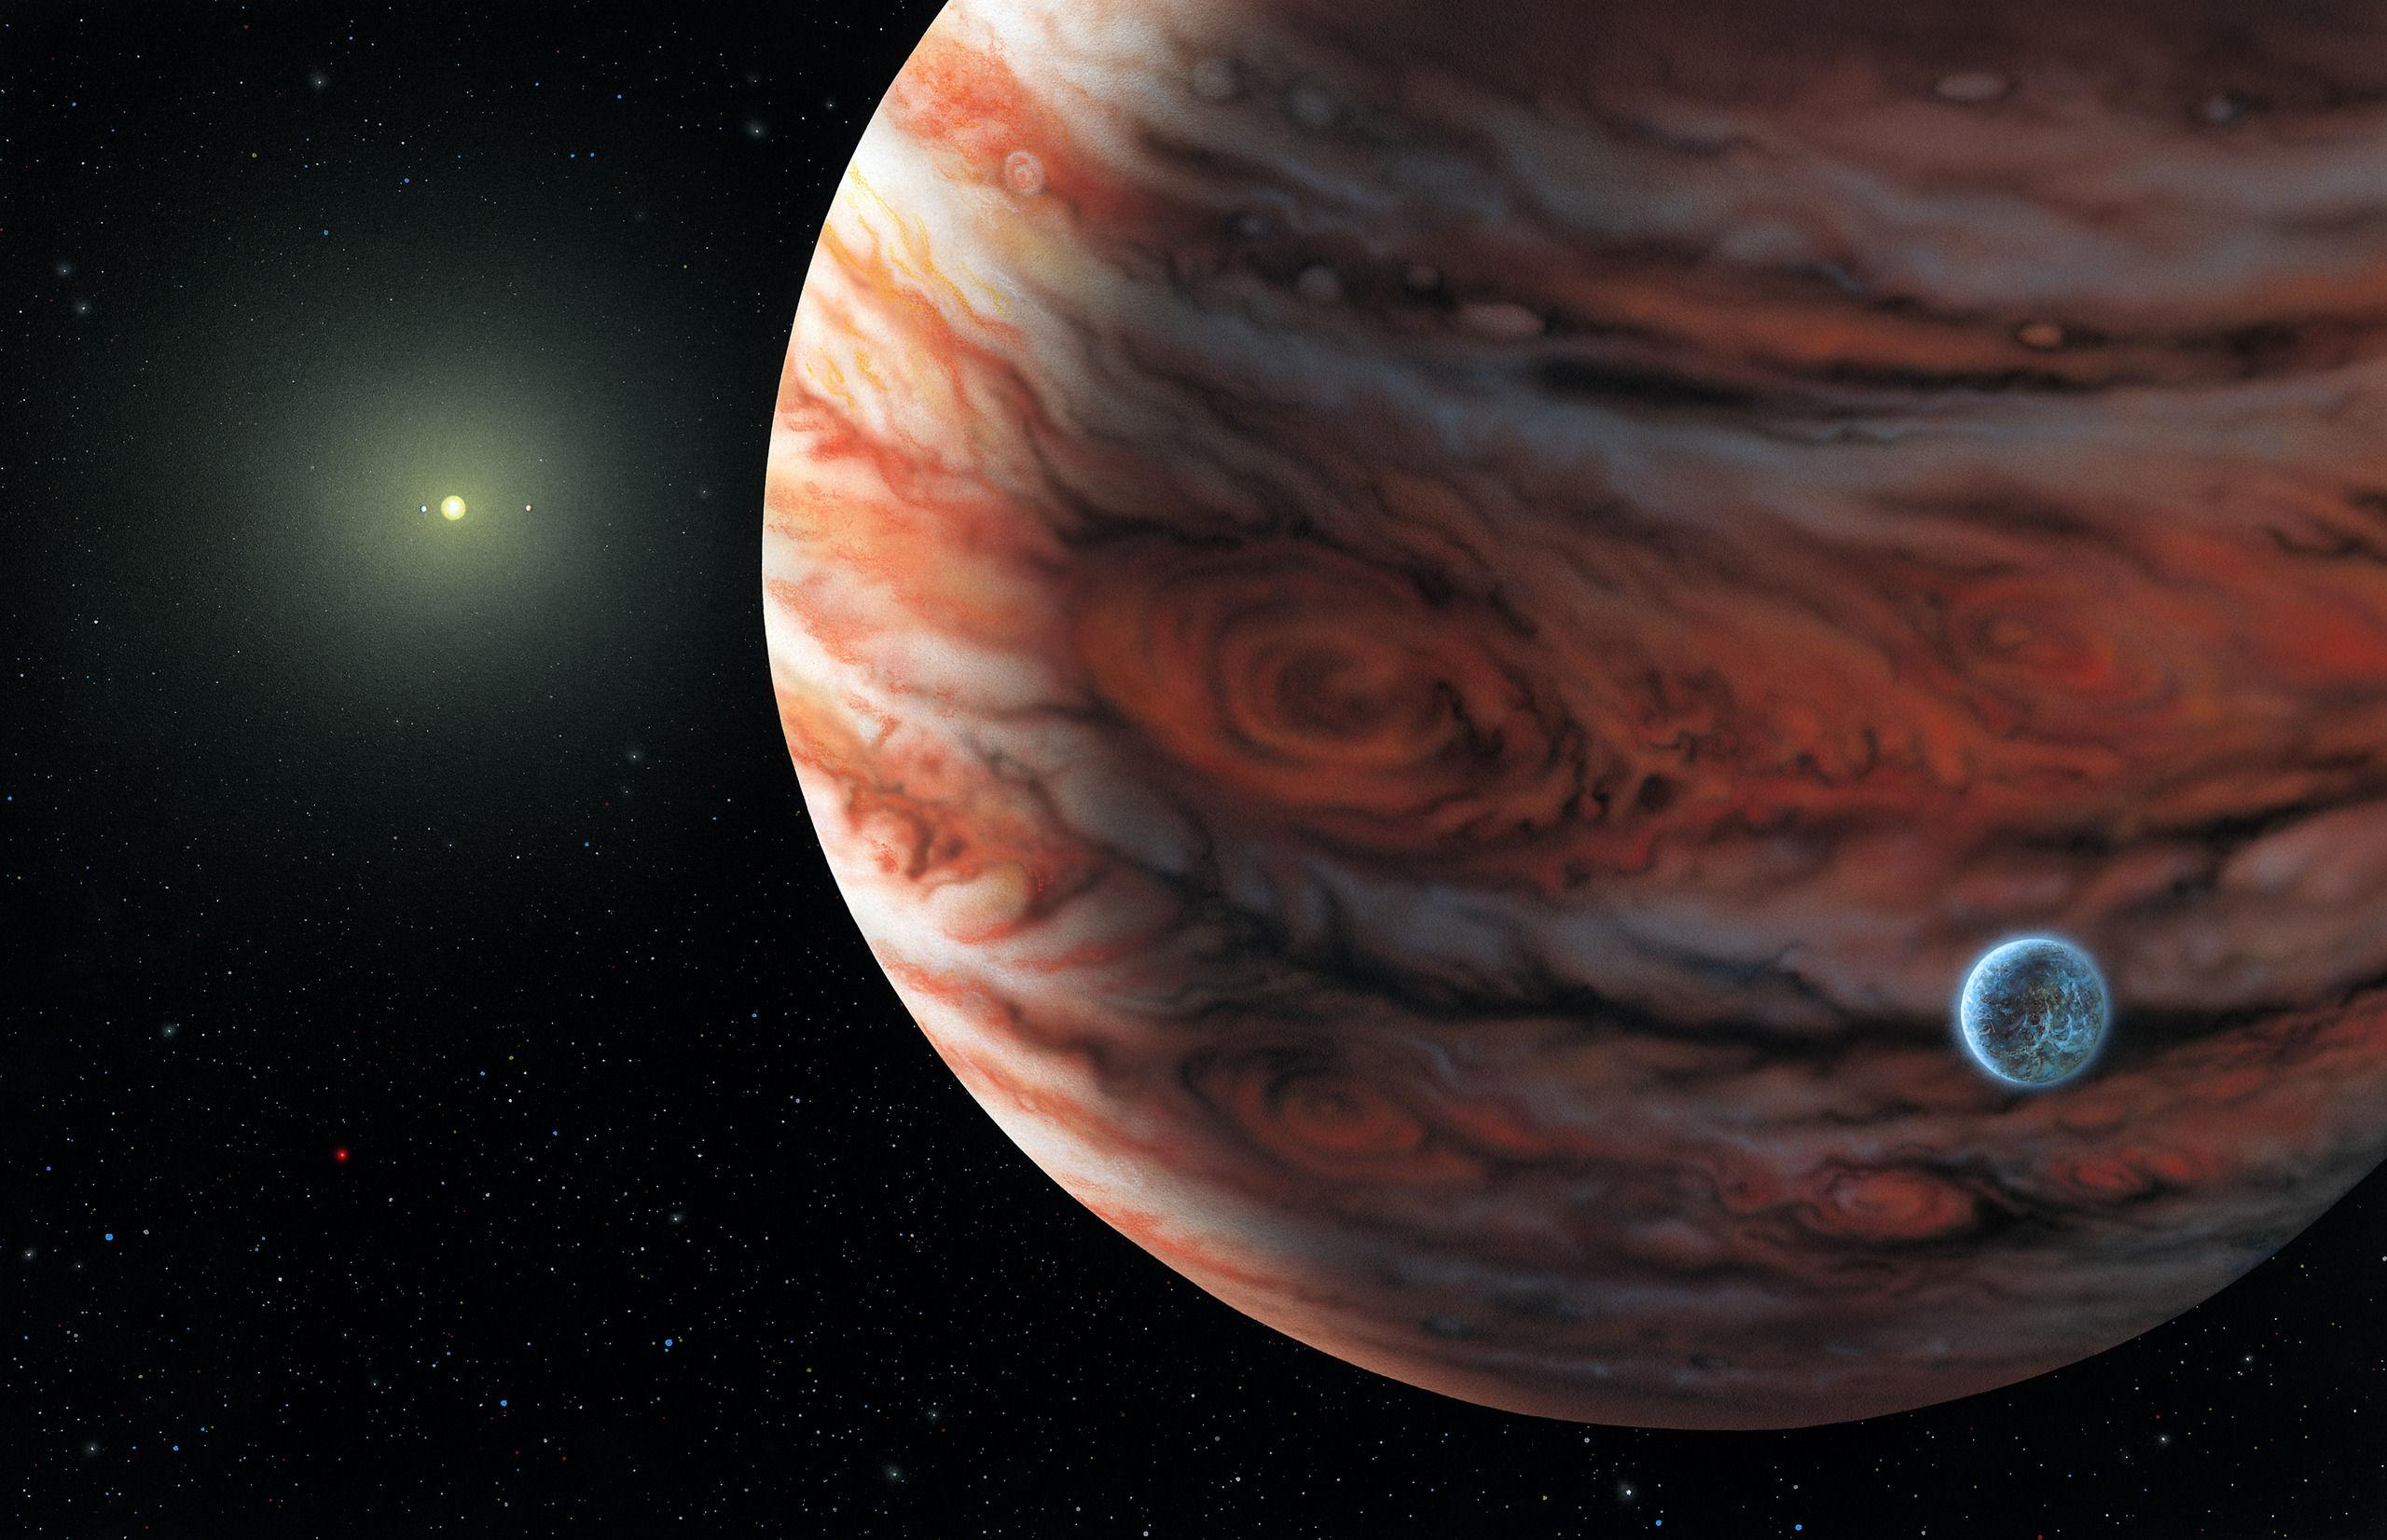 Ученые: Радиоволны Юпитера создают помехи наЗемле